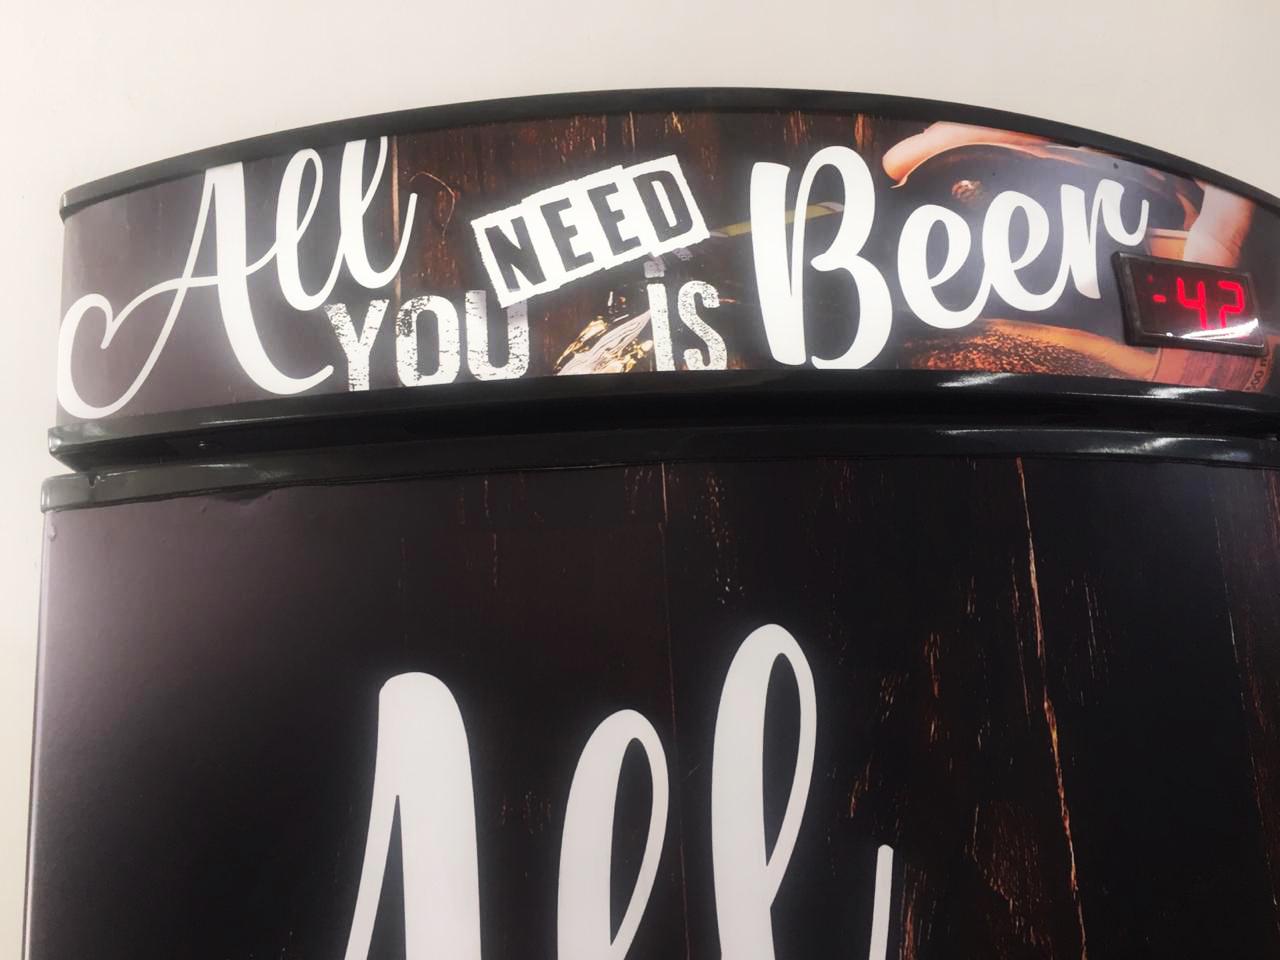 Metalfrio Personalização Beer ( Reformado ) VN50 - geladeirasecervejeiras.com.br